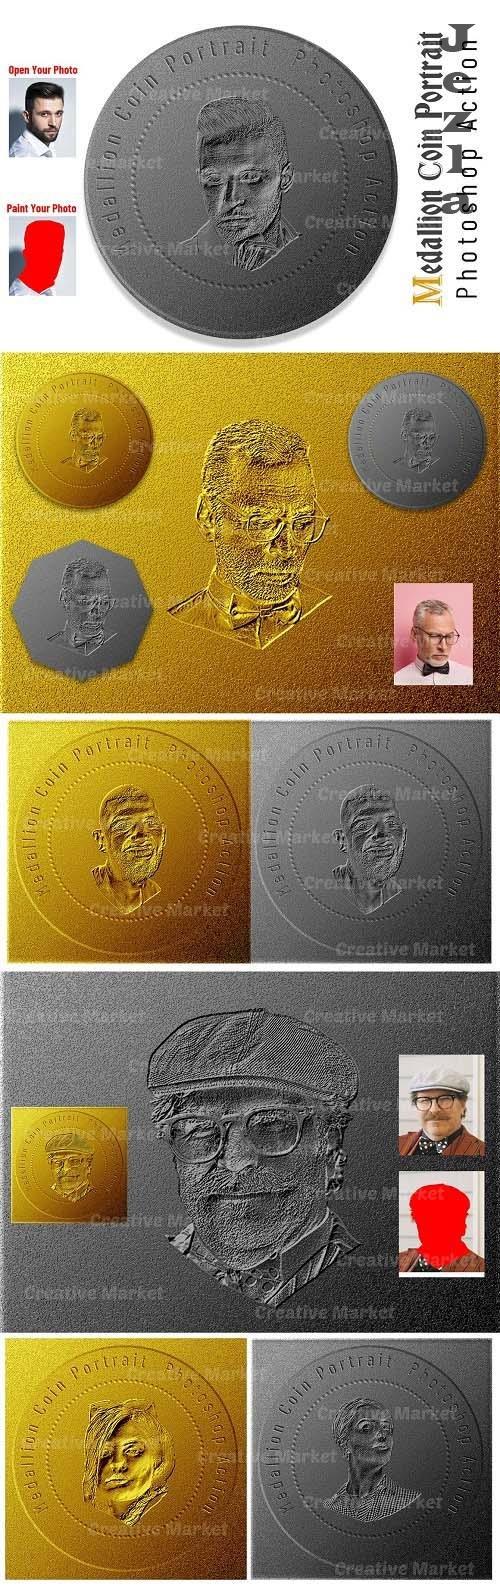 Medallion Coin Portrait PS Action - 6530547